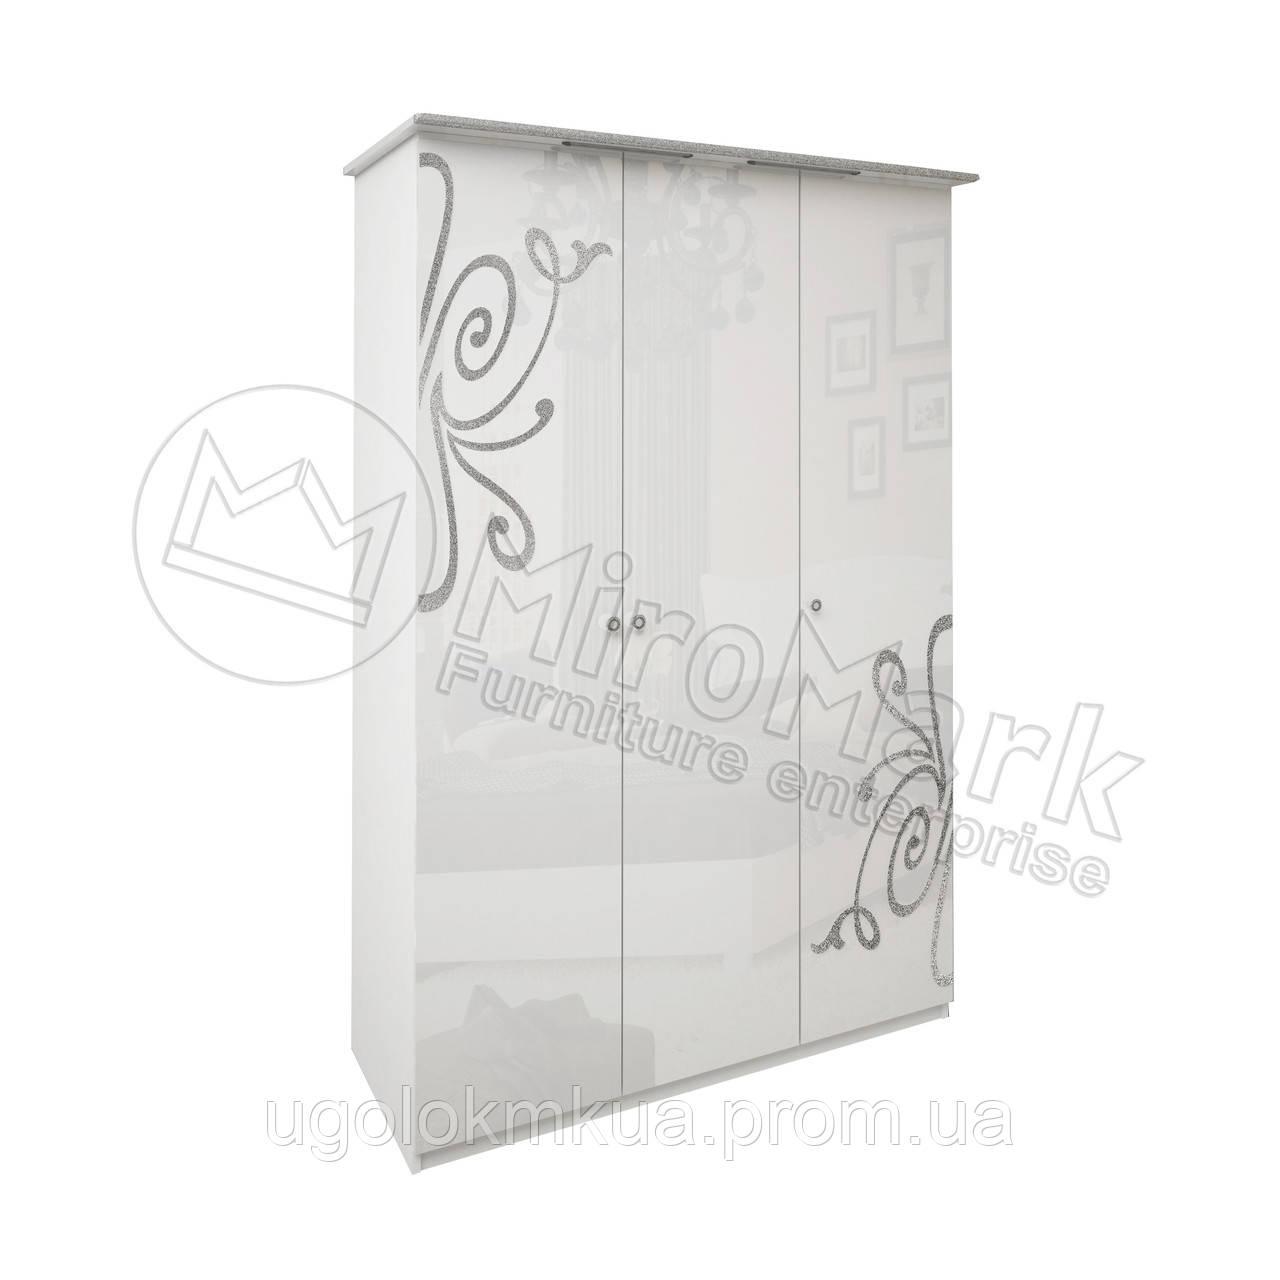 Спальня Богема белый глянец шкаф 3Д без зеркал